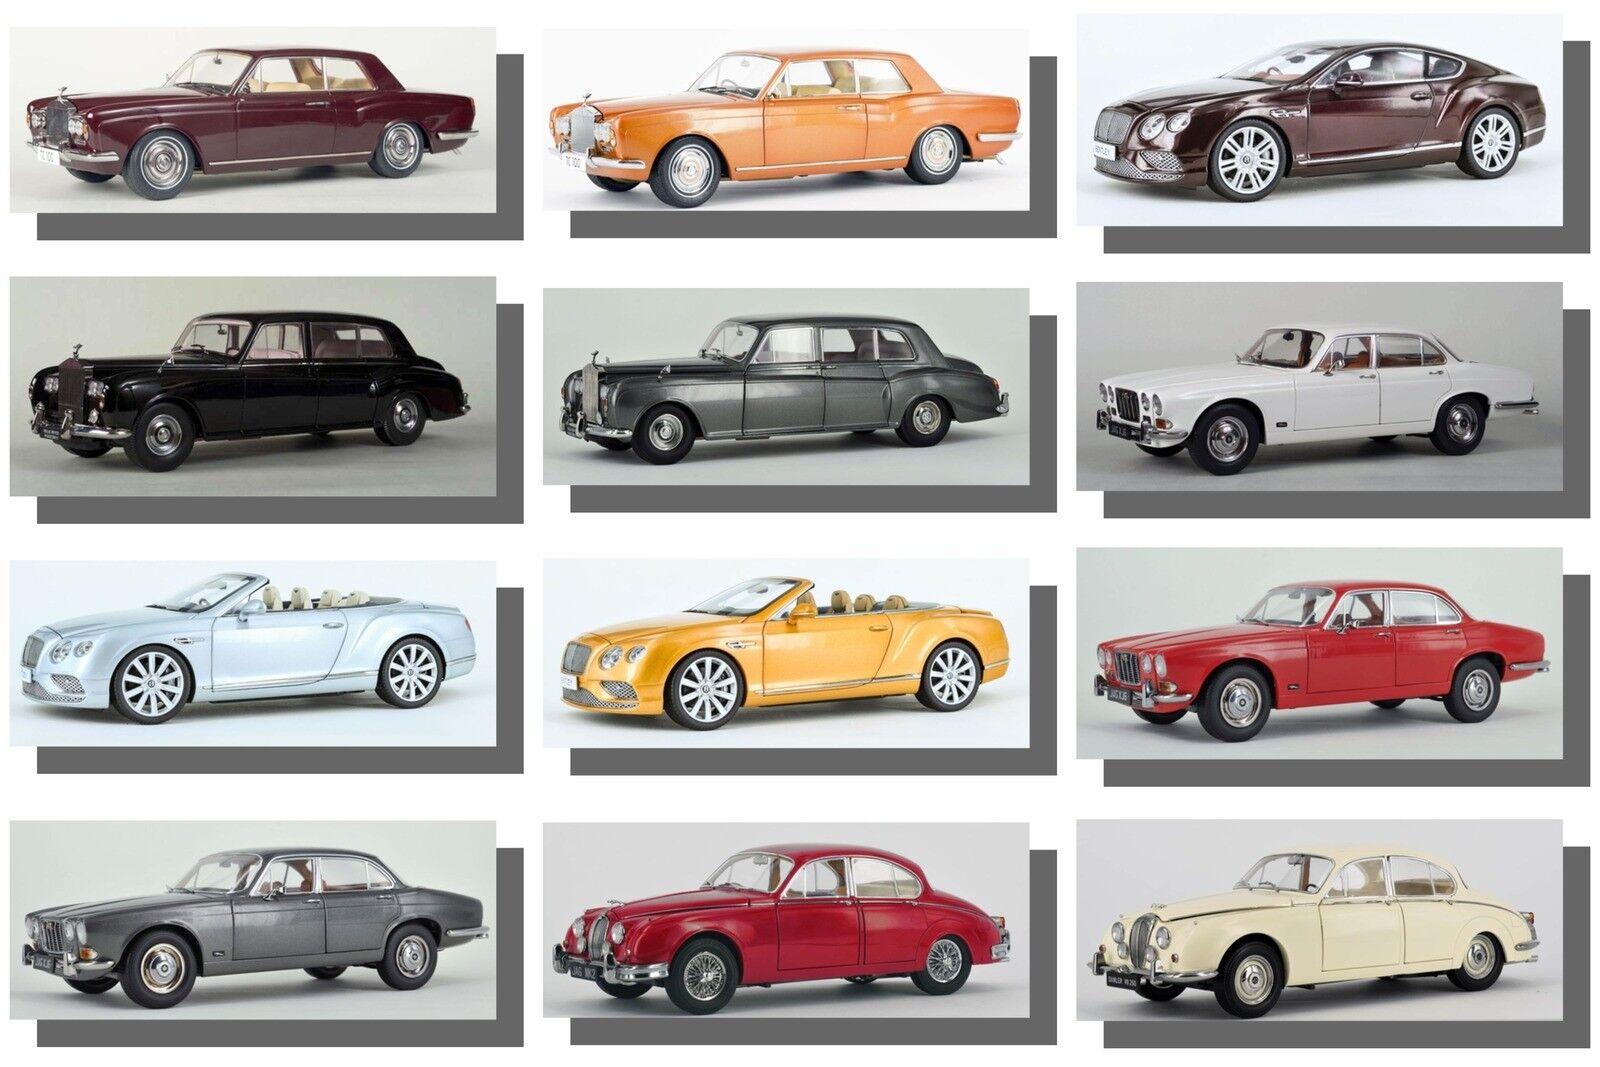 Jaguar, Rolls Royce voitures, Daimler Cars, échelle 1 18 Modèles Paragon.